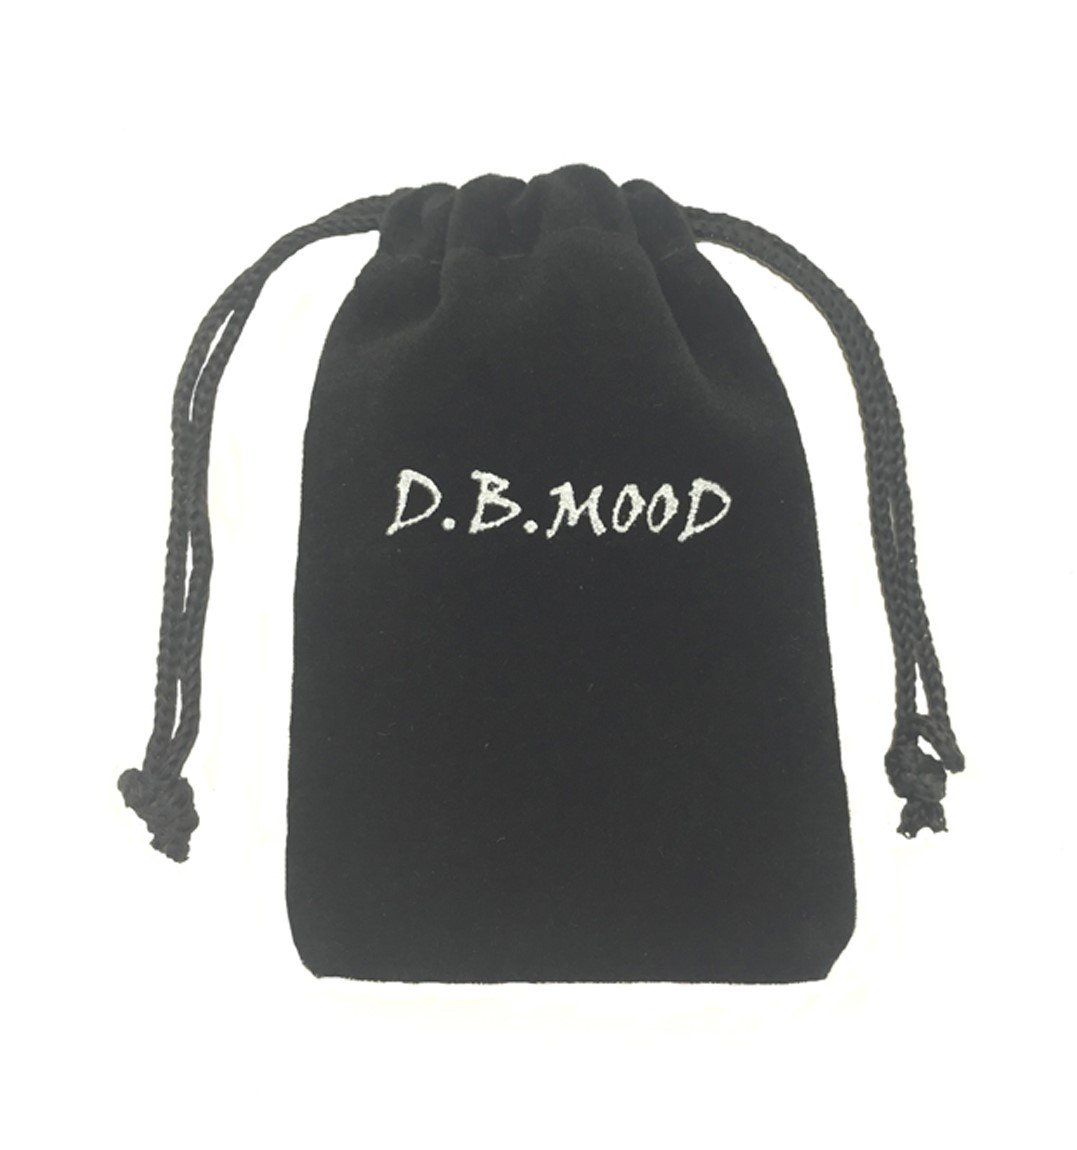 D.B.MOOD Adjustable Genuine Leather Bracelet - Marijuana Weed Leaf Black by D.B.MOOD (Image #6)